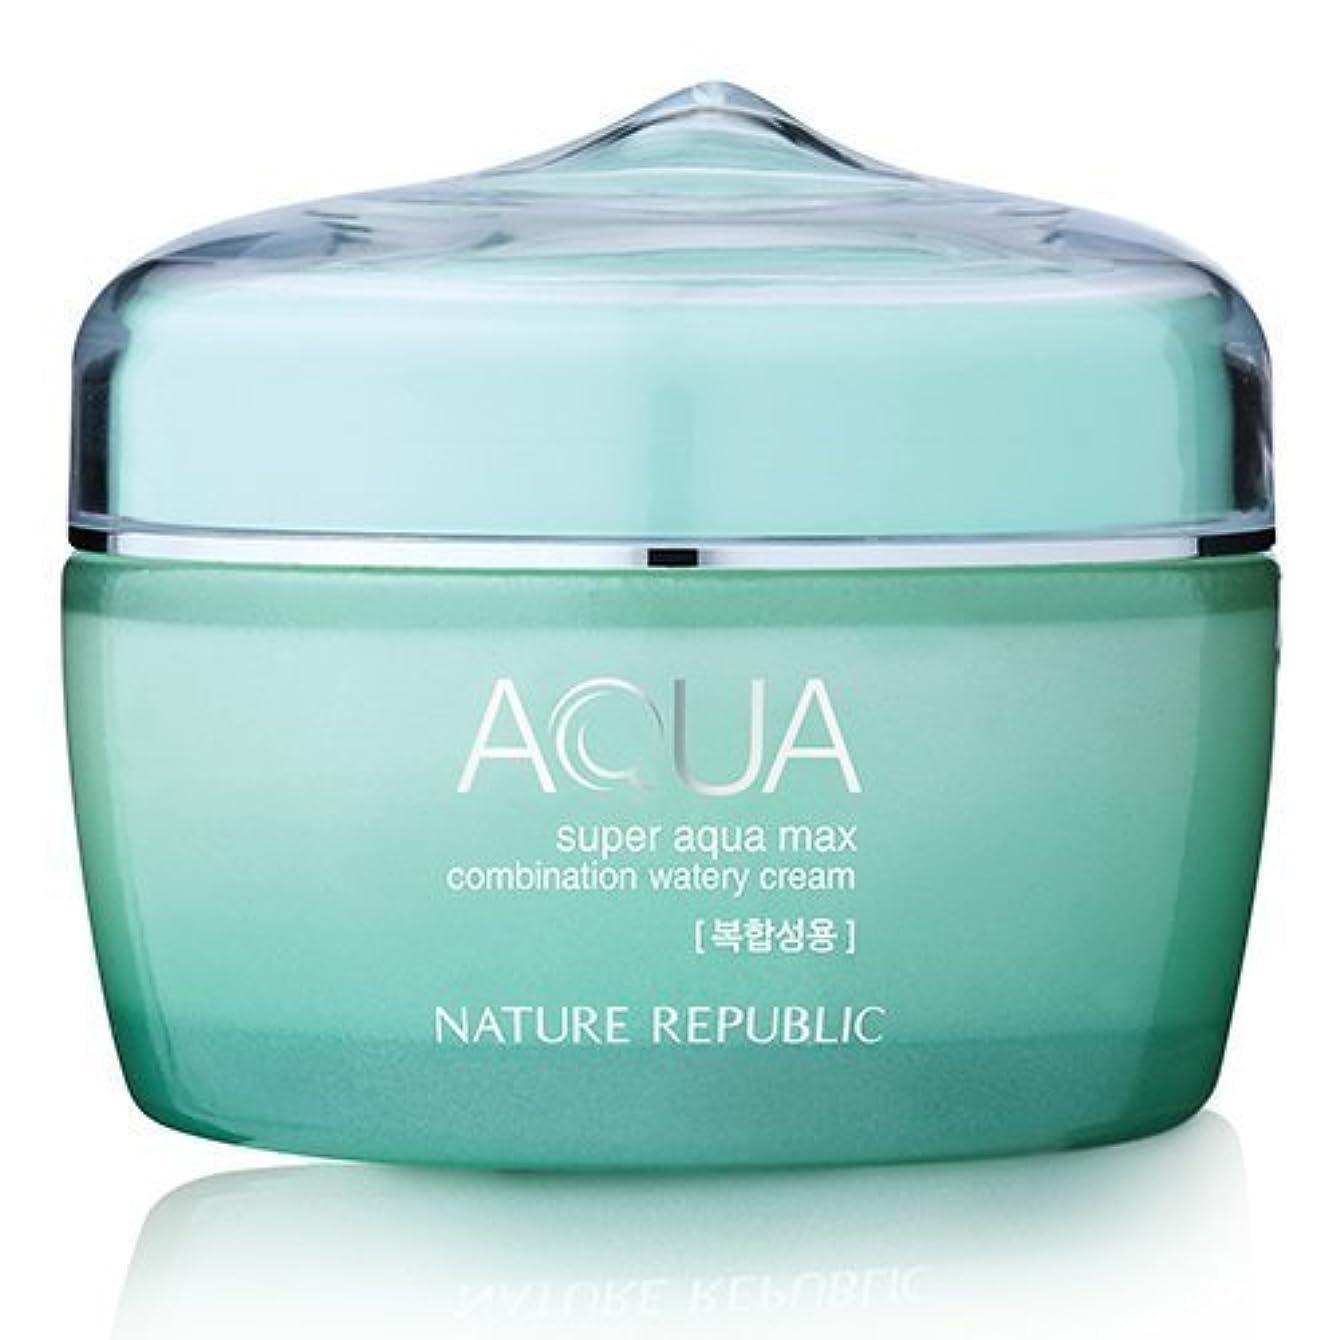 ボリューム試用純正Nature Republic Super Aqua Max Combination Watery Cream 80ml